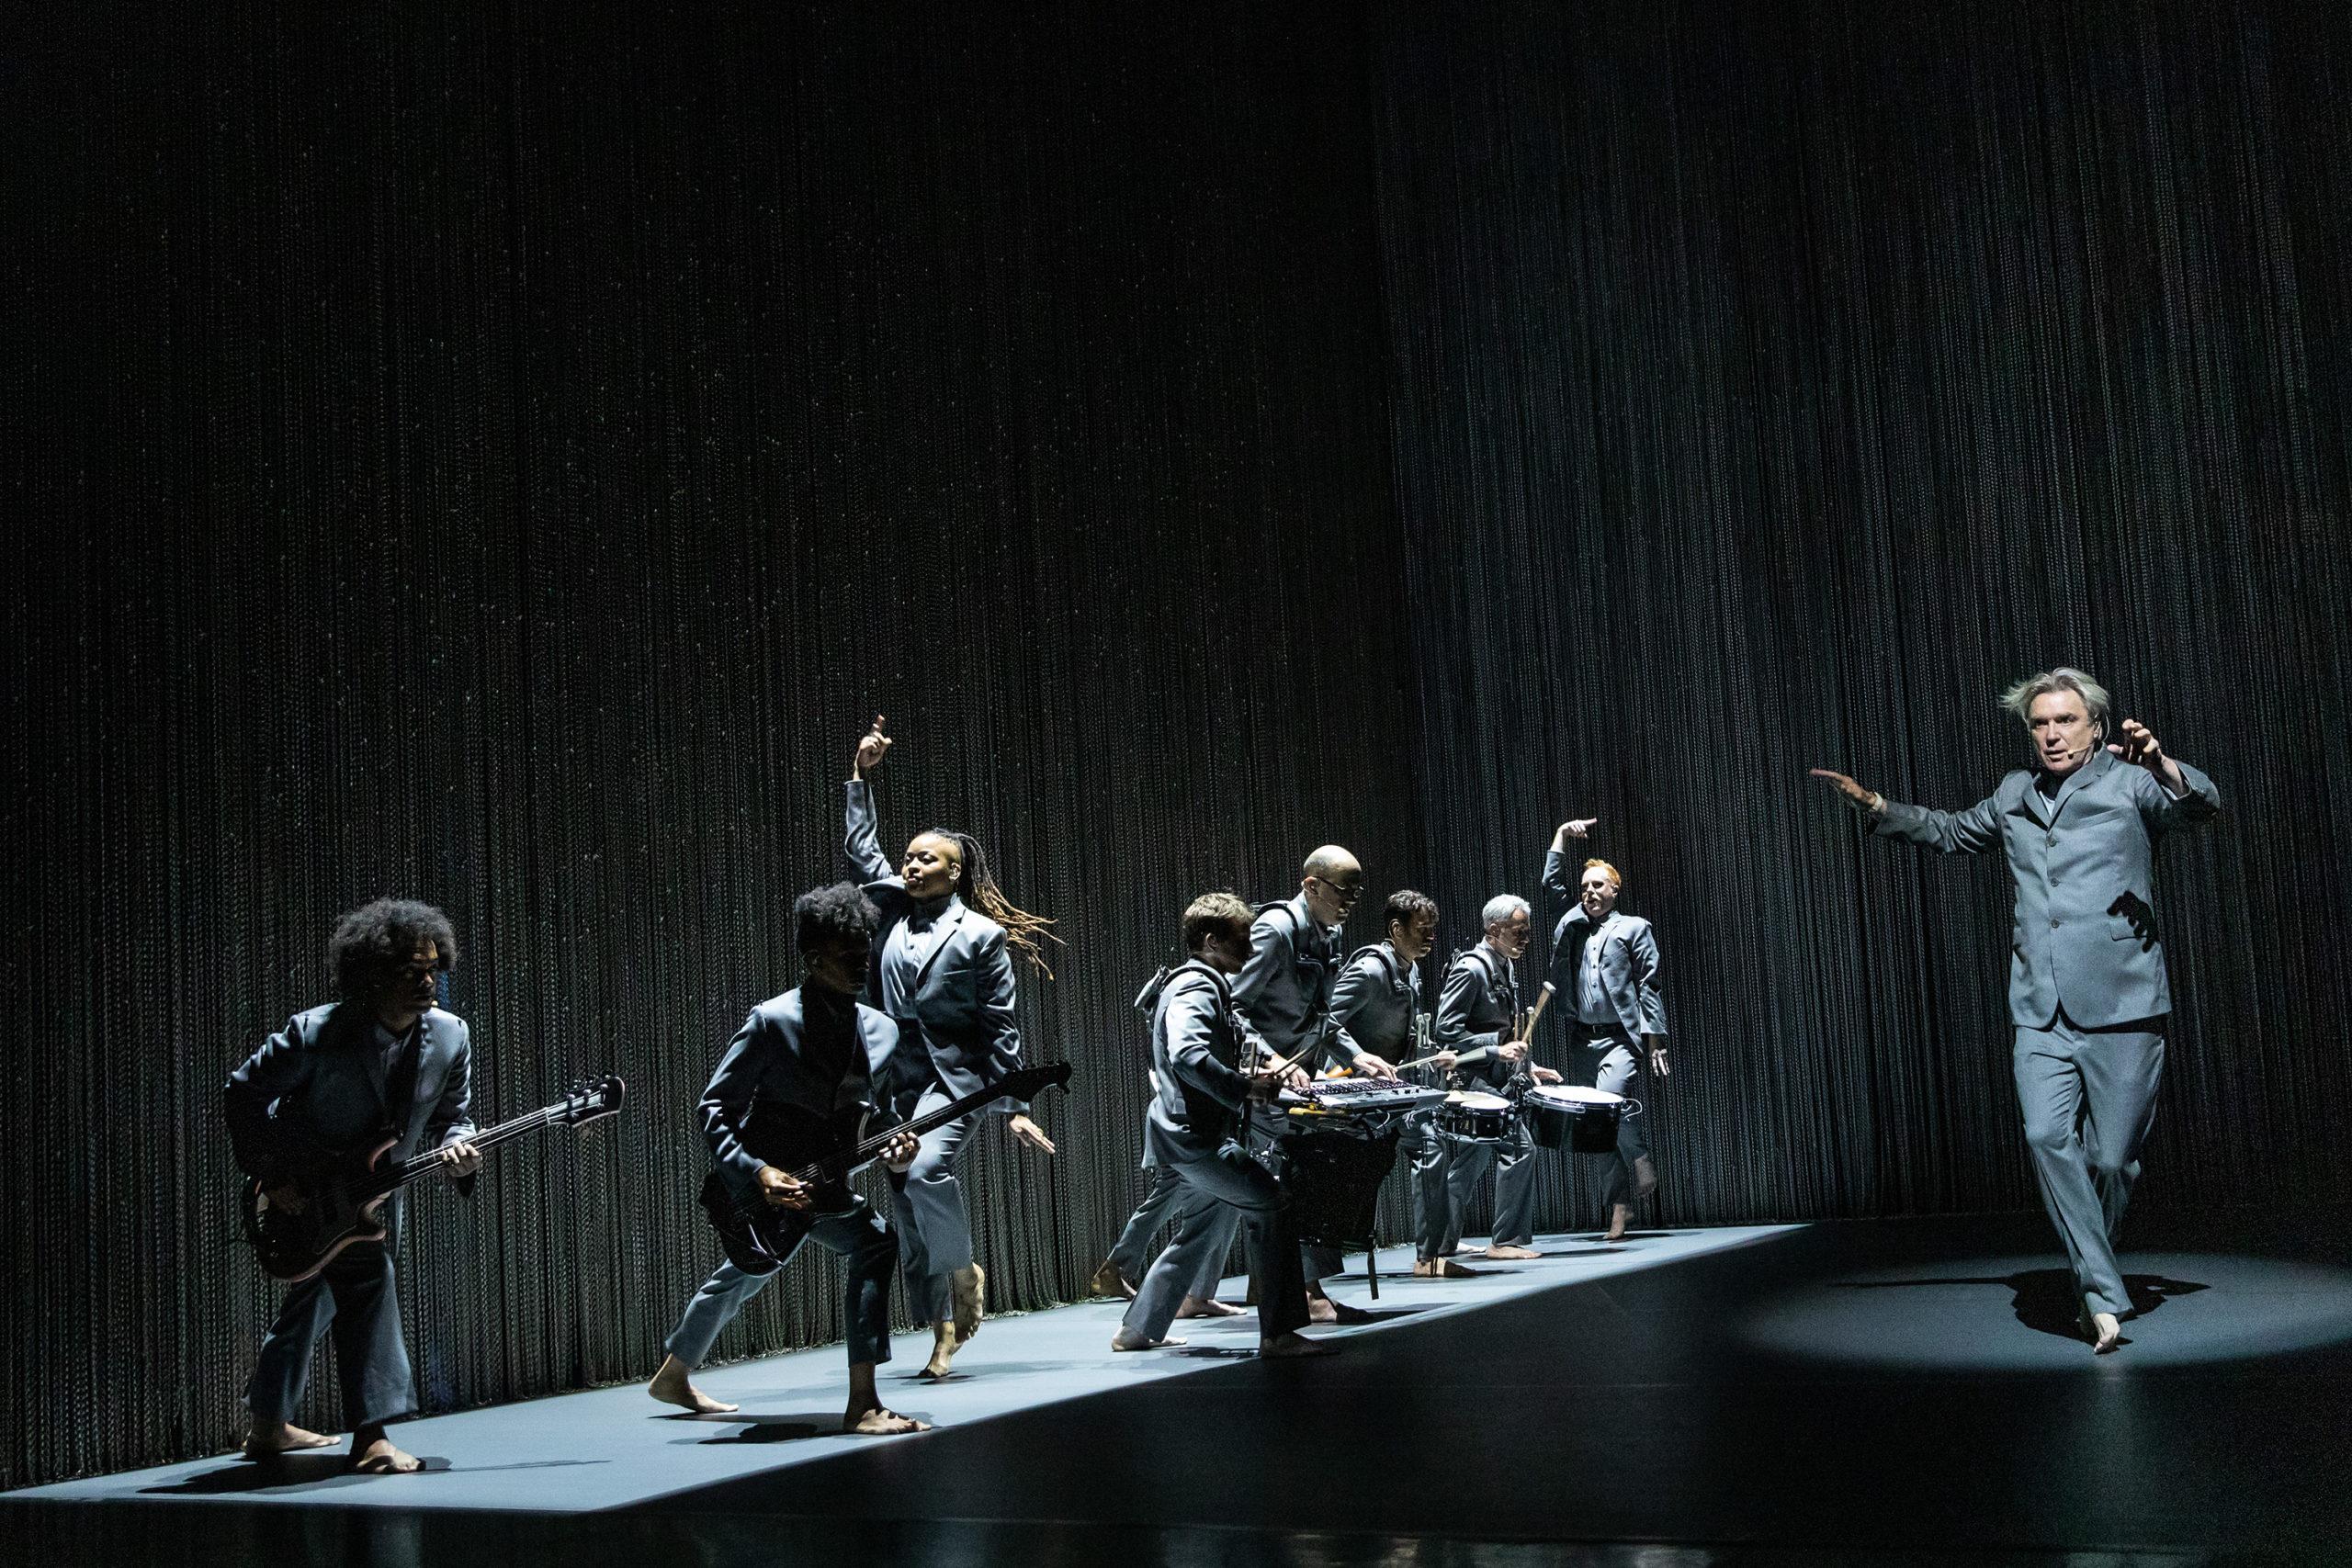 Cena do especial David Byrne's American Utopia. A imagem mostra parte do elenco do musical no palco enfileirada à esquerda, todos de terno cinza e descalços, com os instrumentistas voltados para o centro do palco onde David Byrne, um homem branco de meia-idade, faz um passo de dança com as pernas torcidas e os braços suspensos no ar. Da frente para trás à esquerda, são vistos um homem e uma mulher negros tocando respectivamente baixo e guitarra, uma mulher negra com cabelo preso cheio de tranças executando um passo de dança com um braço estendido para cima, quatro instrumentistas, e ao fundo um homem branco e ruivo executando o mesmo passo que a mulher negra. O palco é cercado por uma alta cortina formada por correntes prateadas finas.